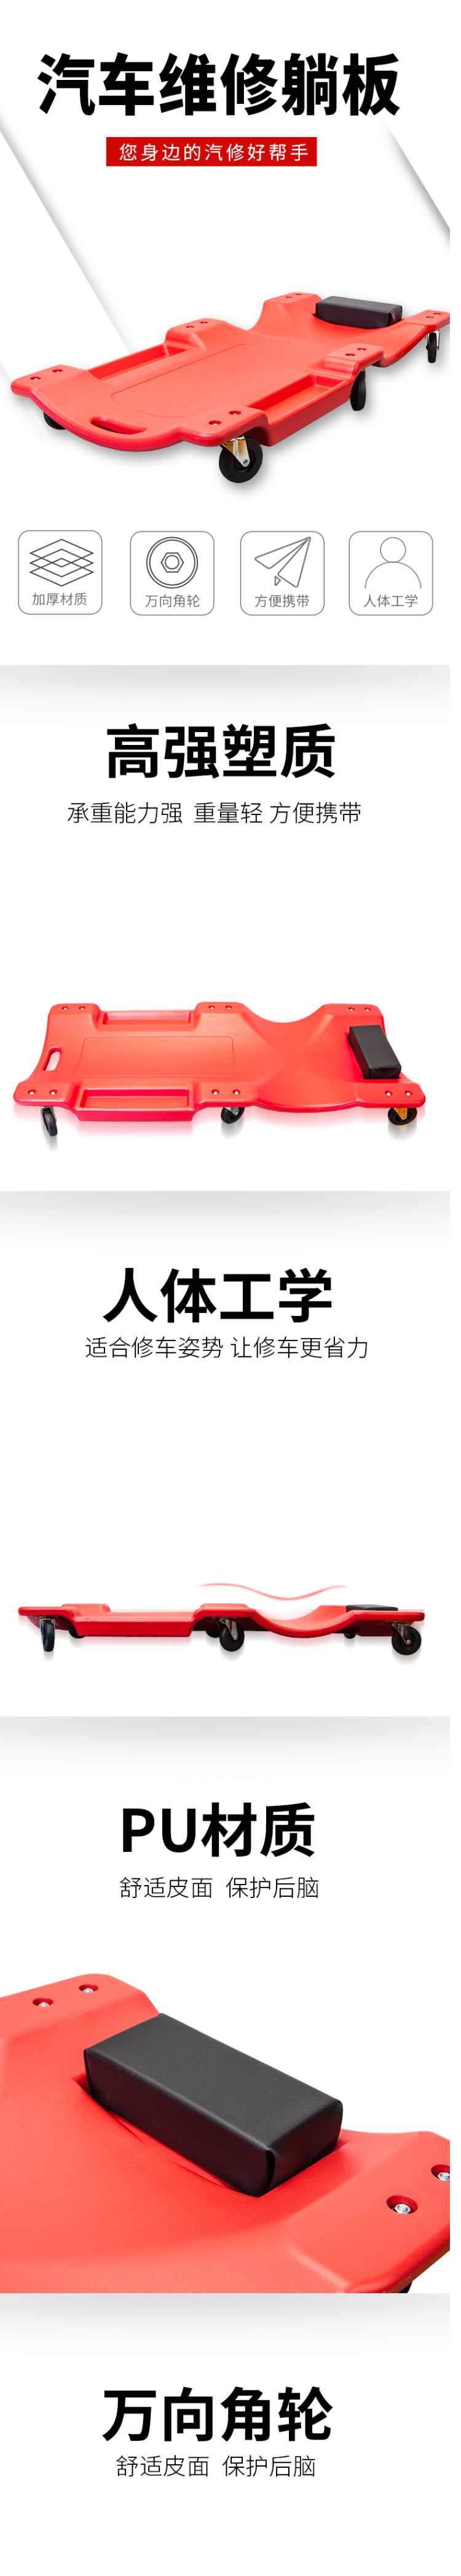 1BIG RED TRH6802-2 修车板修车躺板修理板滑板车睡板 专业汽车维修工具 138